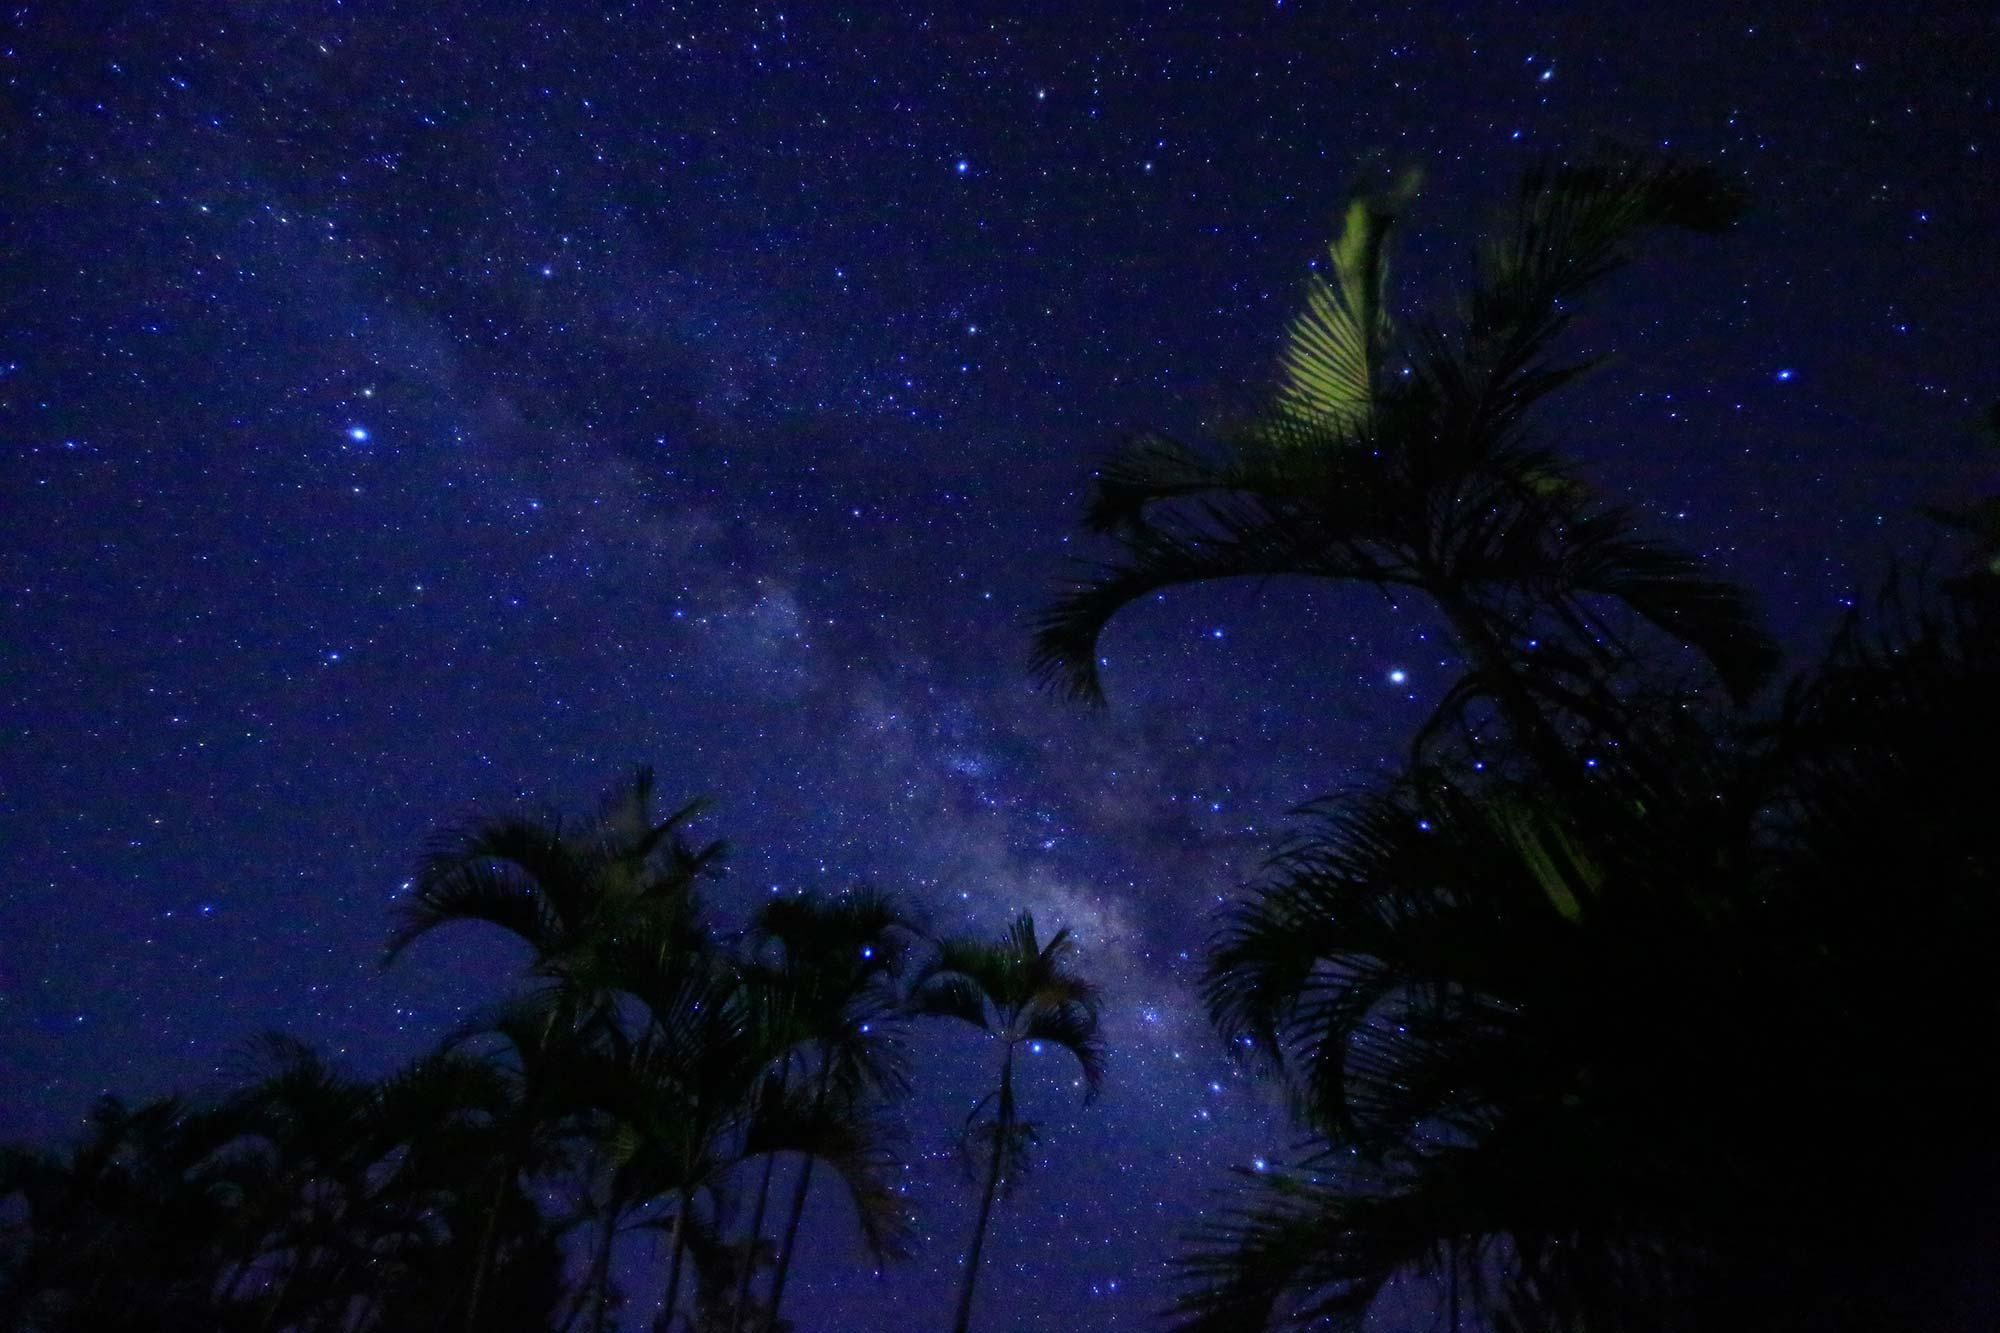 南の島の夜空を彩る島々